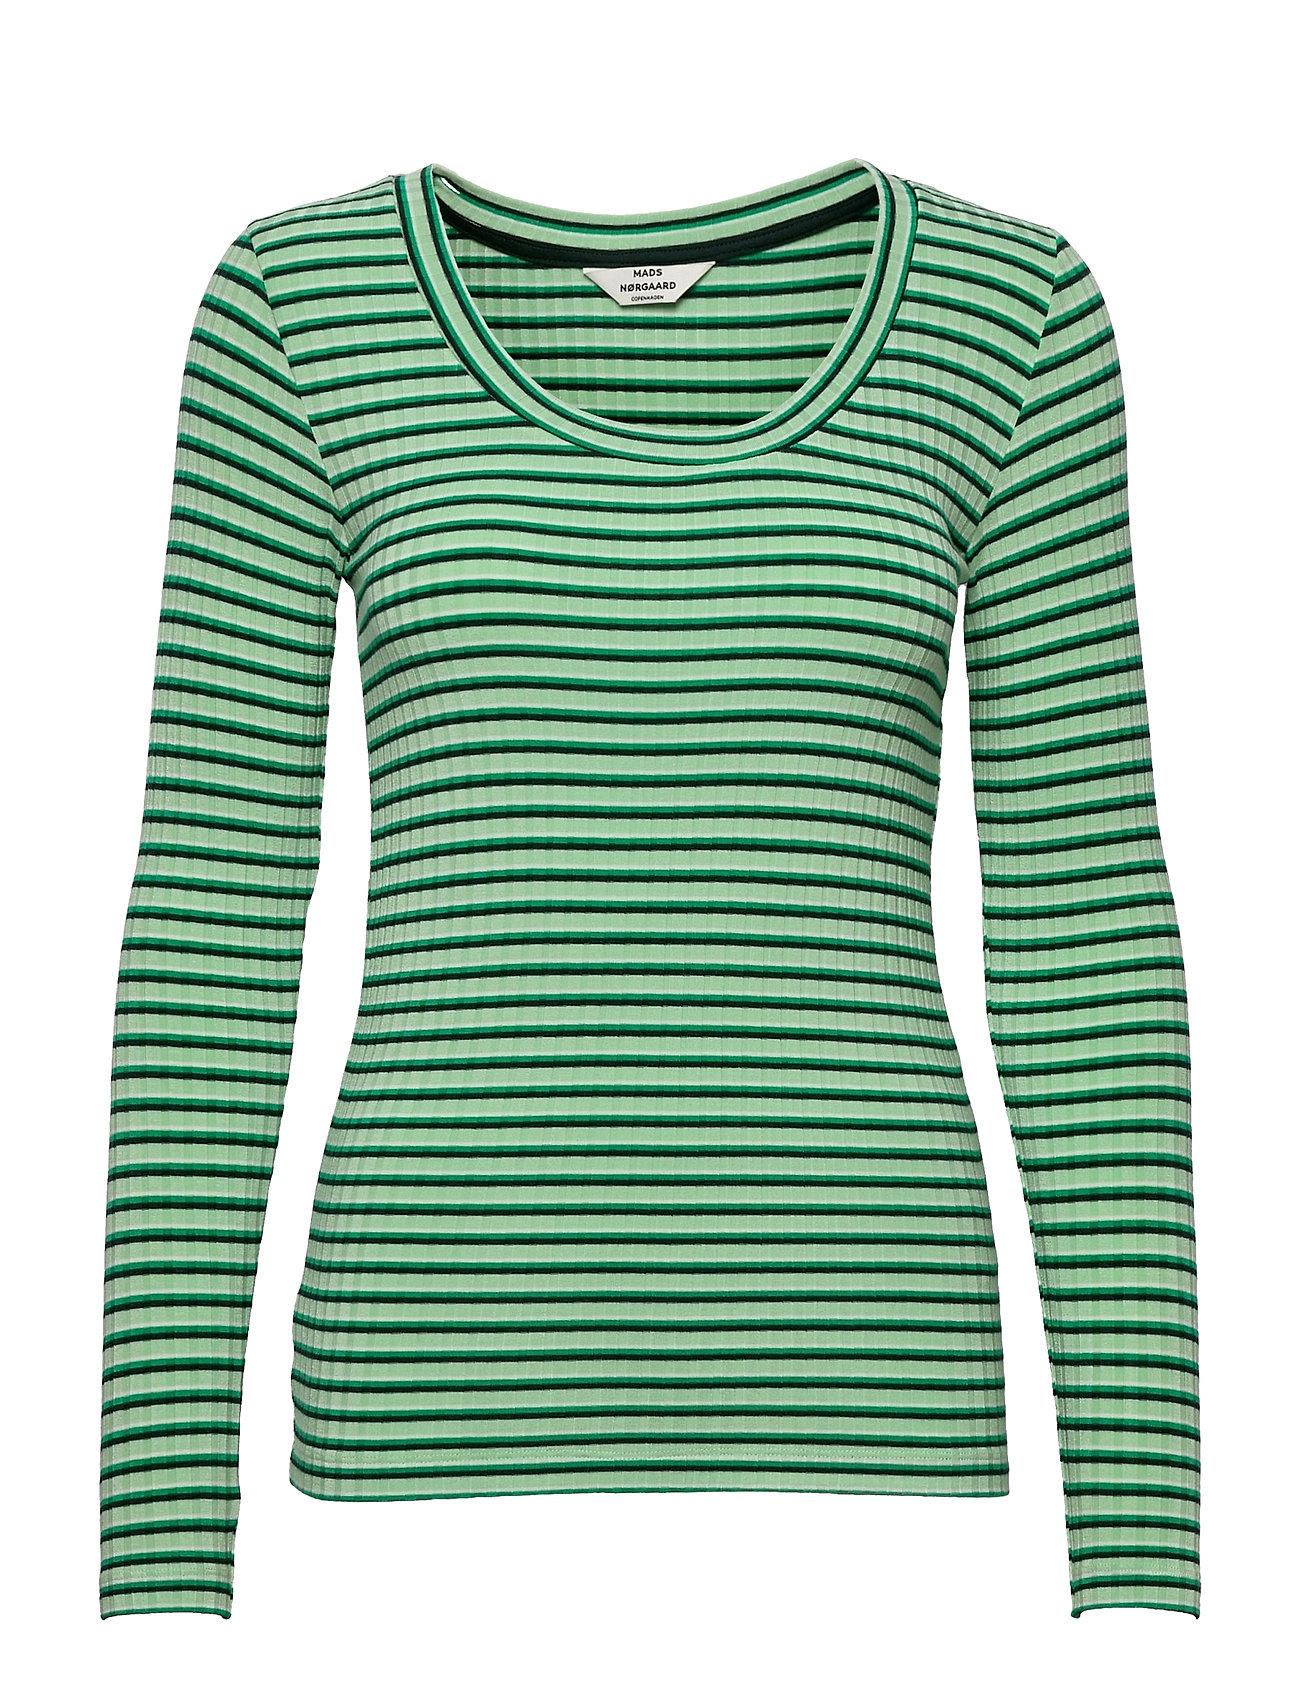 5x5 Stripe Tinilla Langærmet T-shirt Grøn Mads Nørgaard